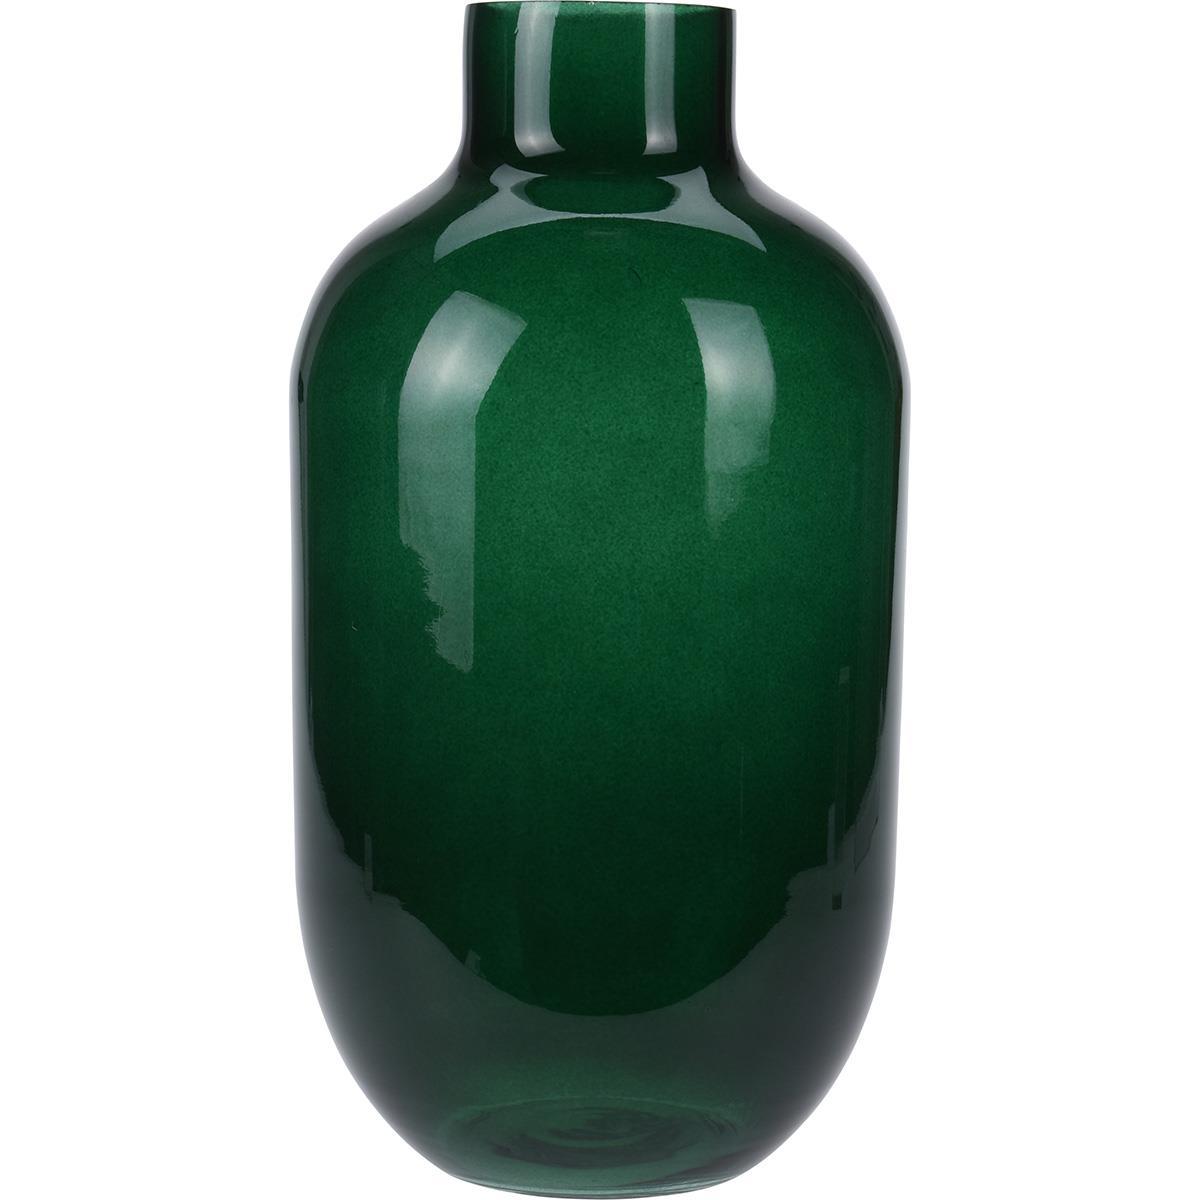 Βάζο διακοσμητικό γυάλινο πράσινο 19x35cm